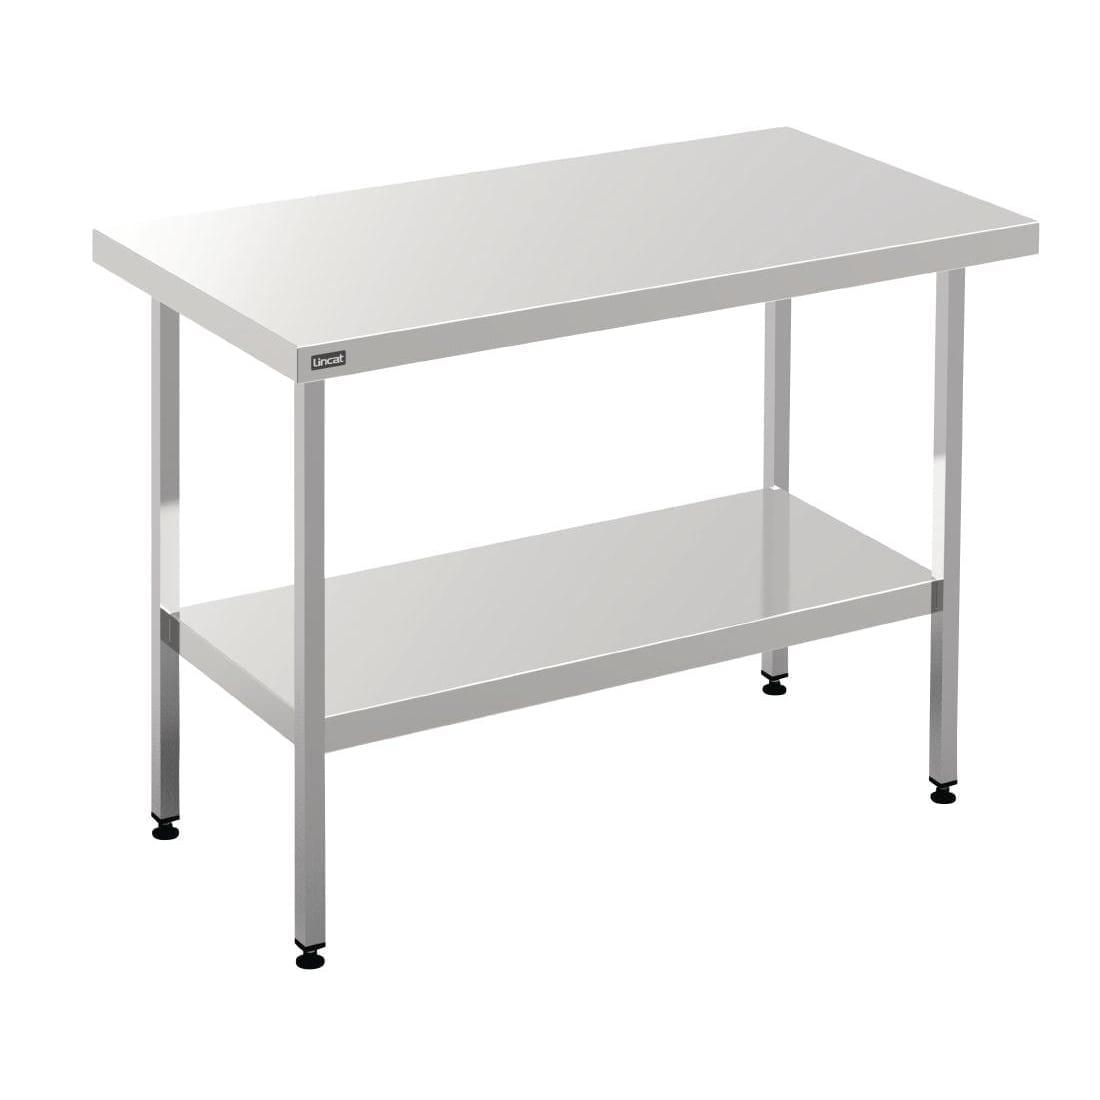 Lincat Centre Table - Width 900mm (Direct)-0